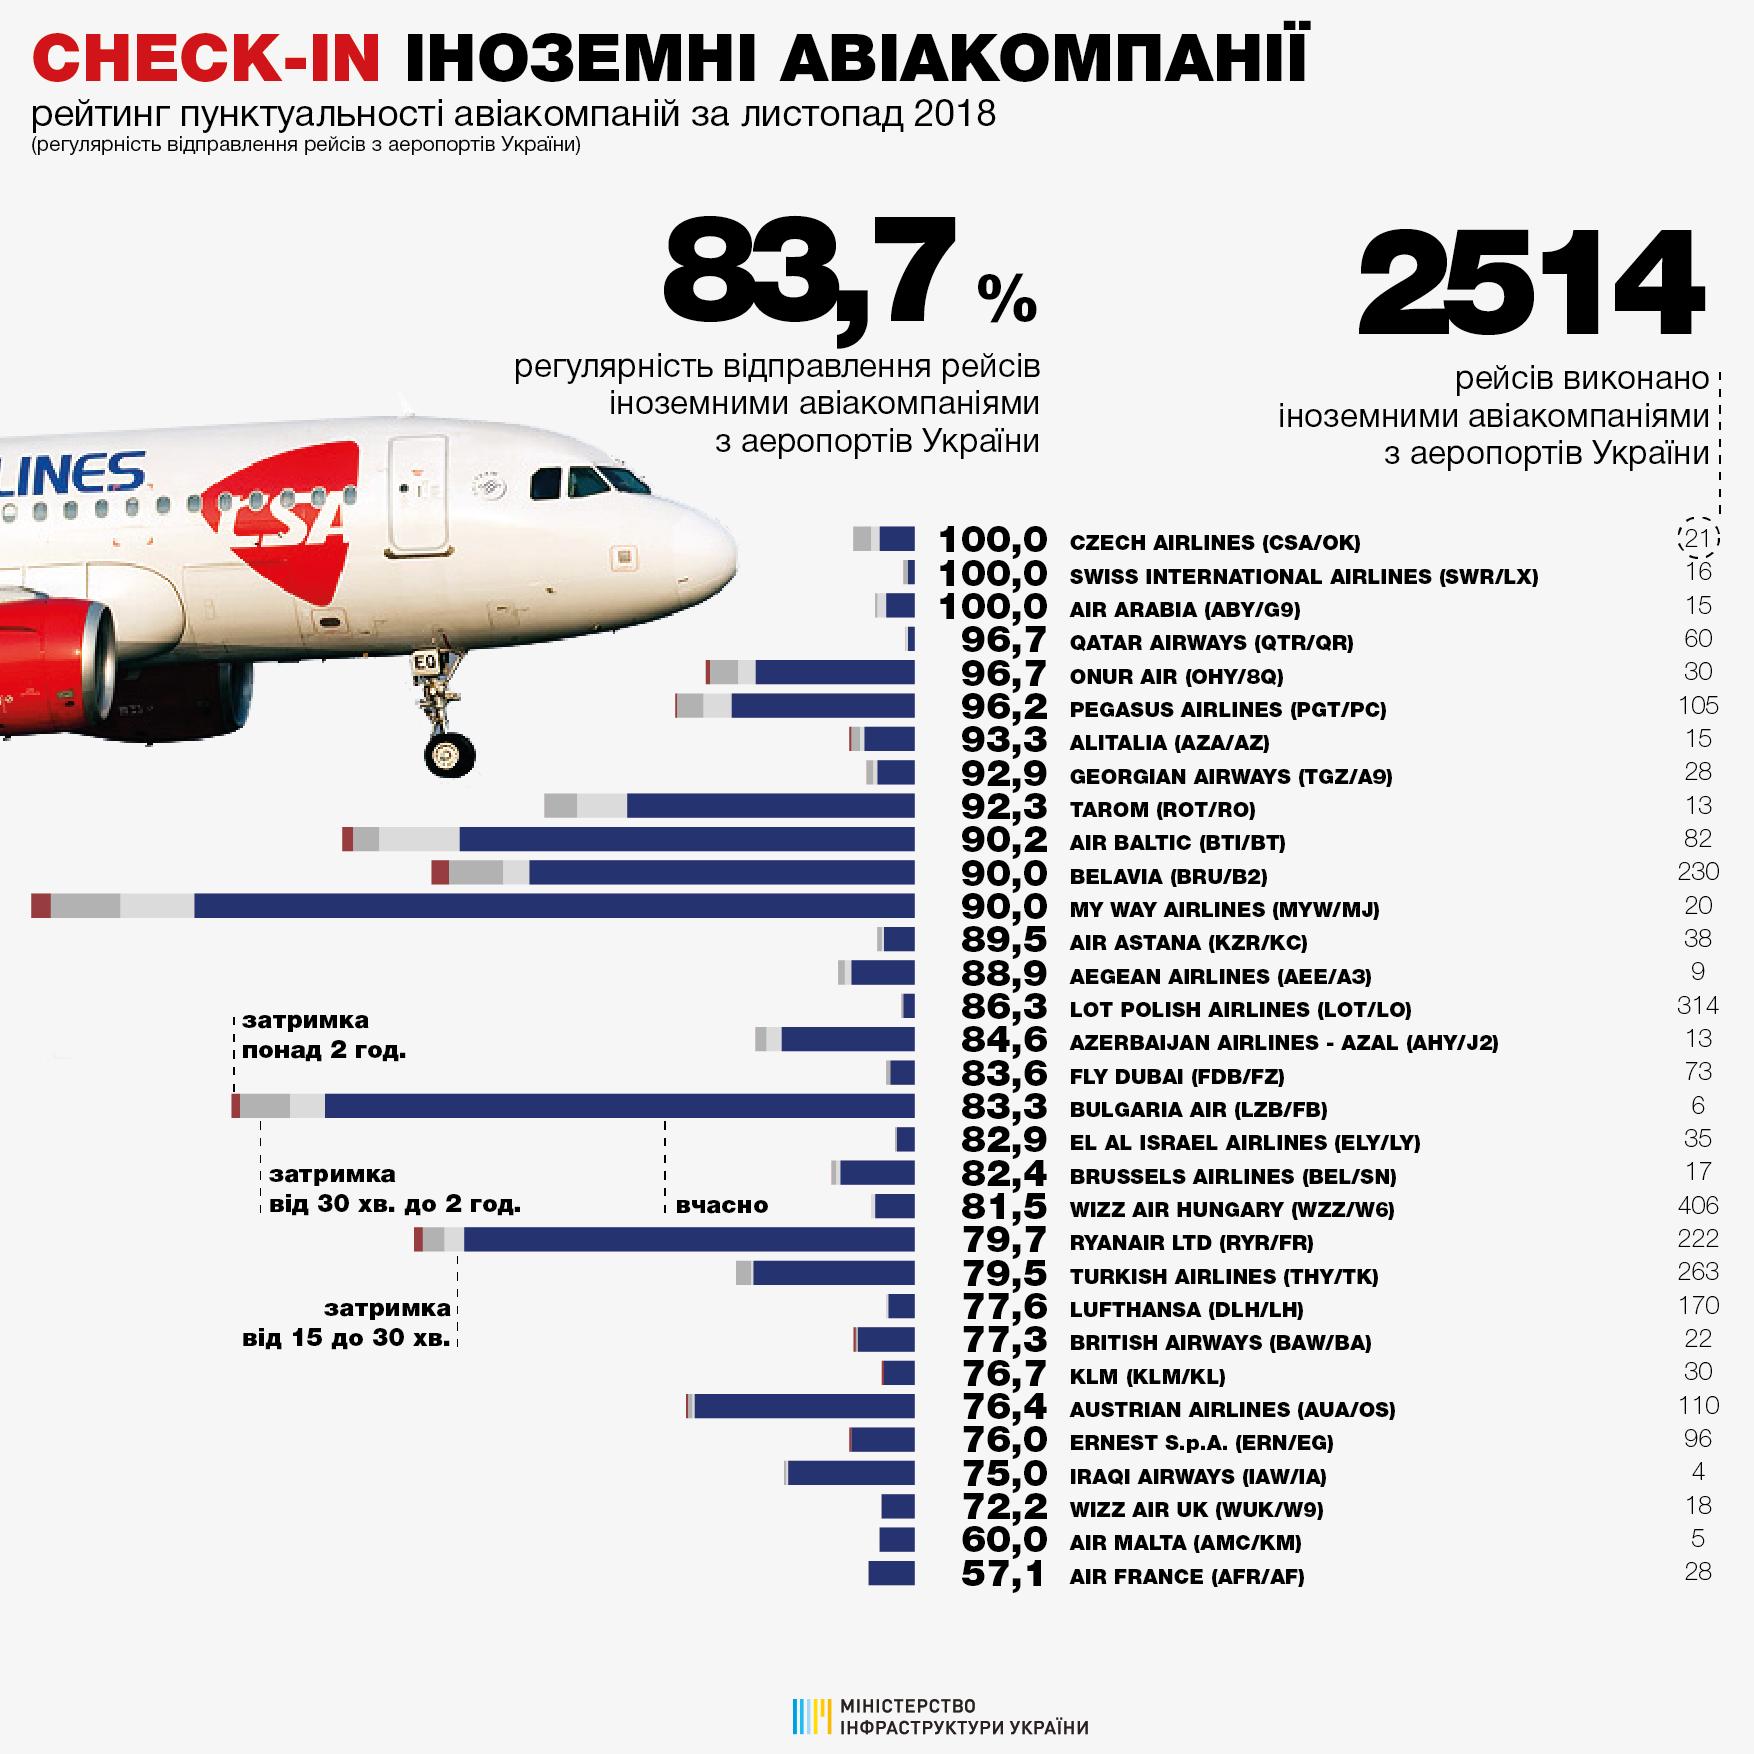 Рейтинг пунктуальности иностранных авиакомпаний в ноябре 2018 года